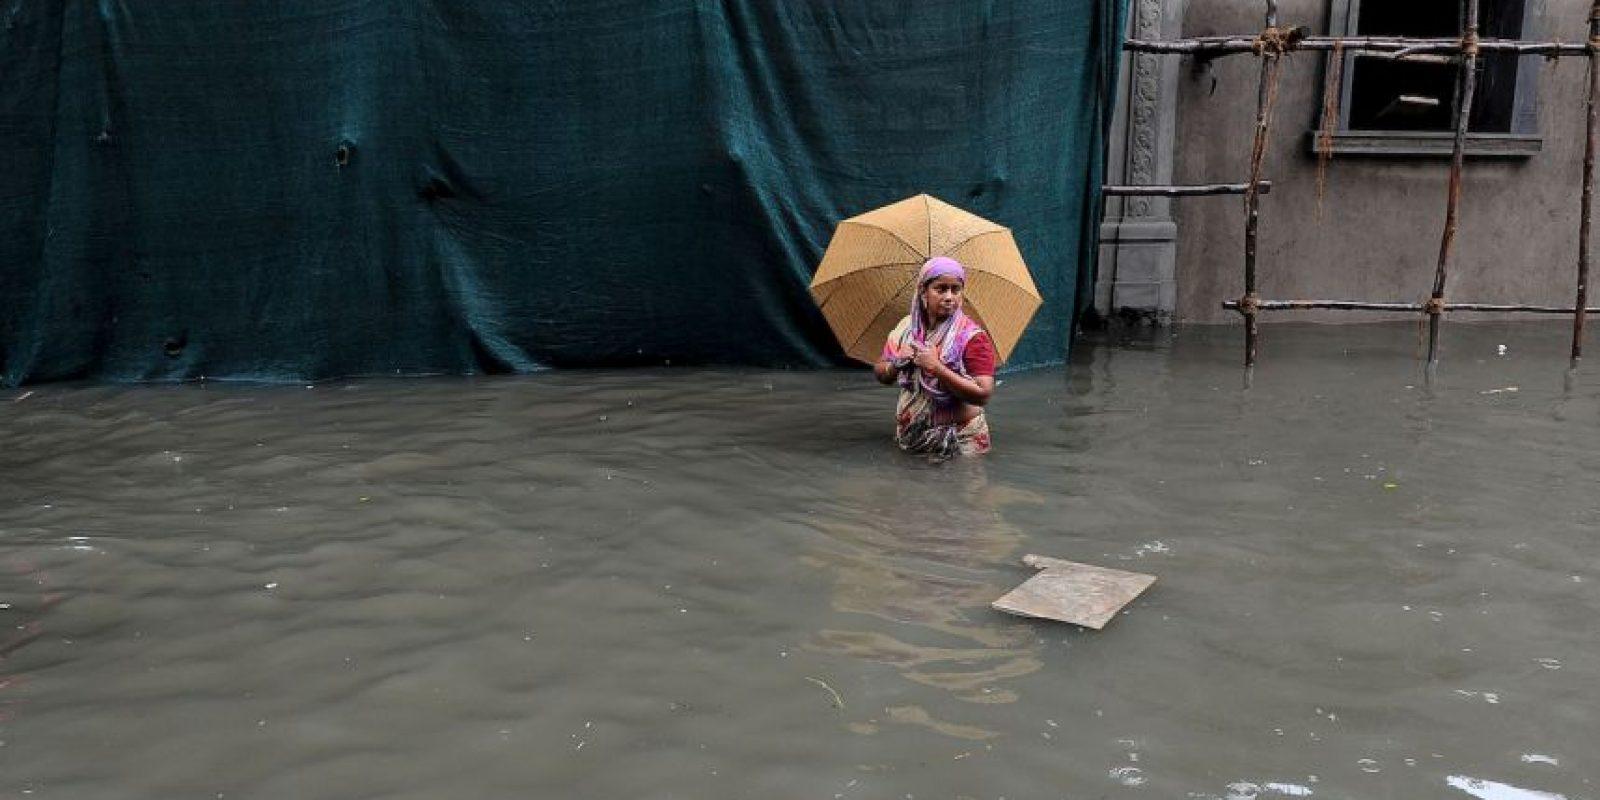 Inundaciones en la India han dejado un saldo de 280 muertos. Foto:AFP